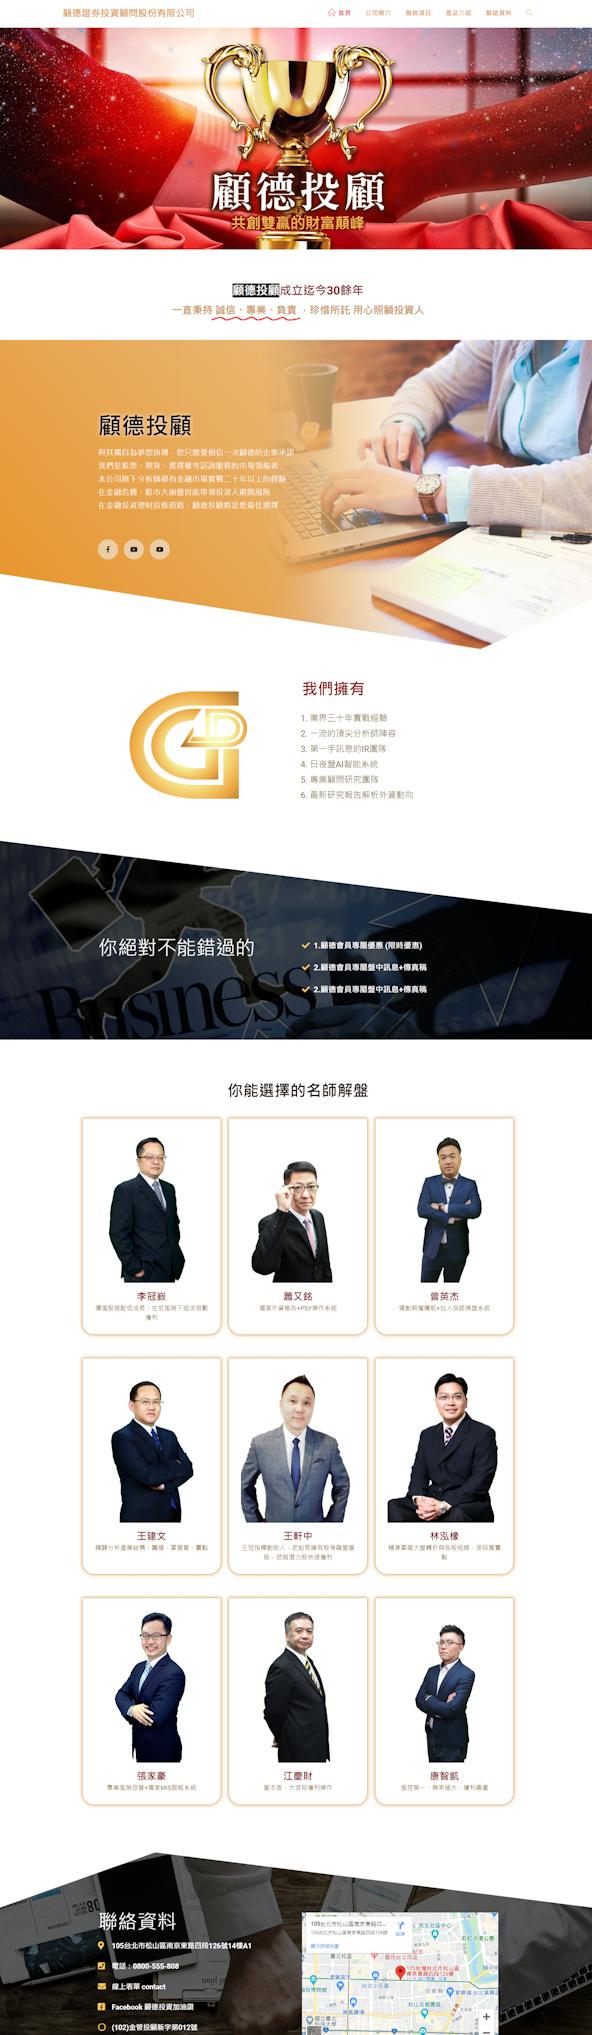 網頁設計-投資顧問2